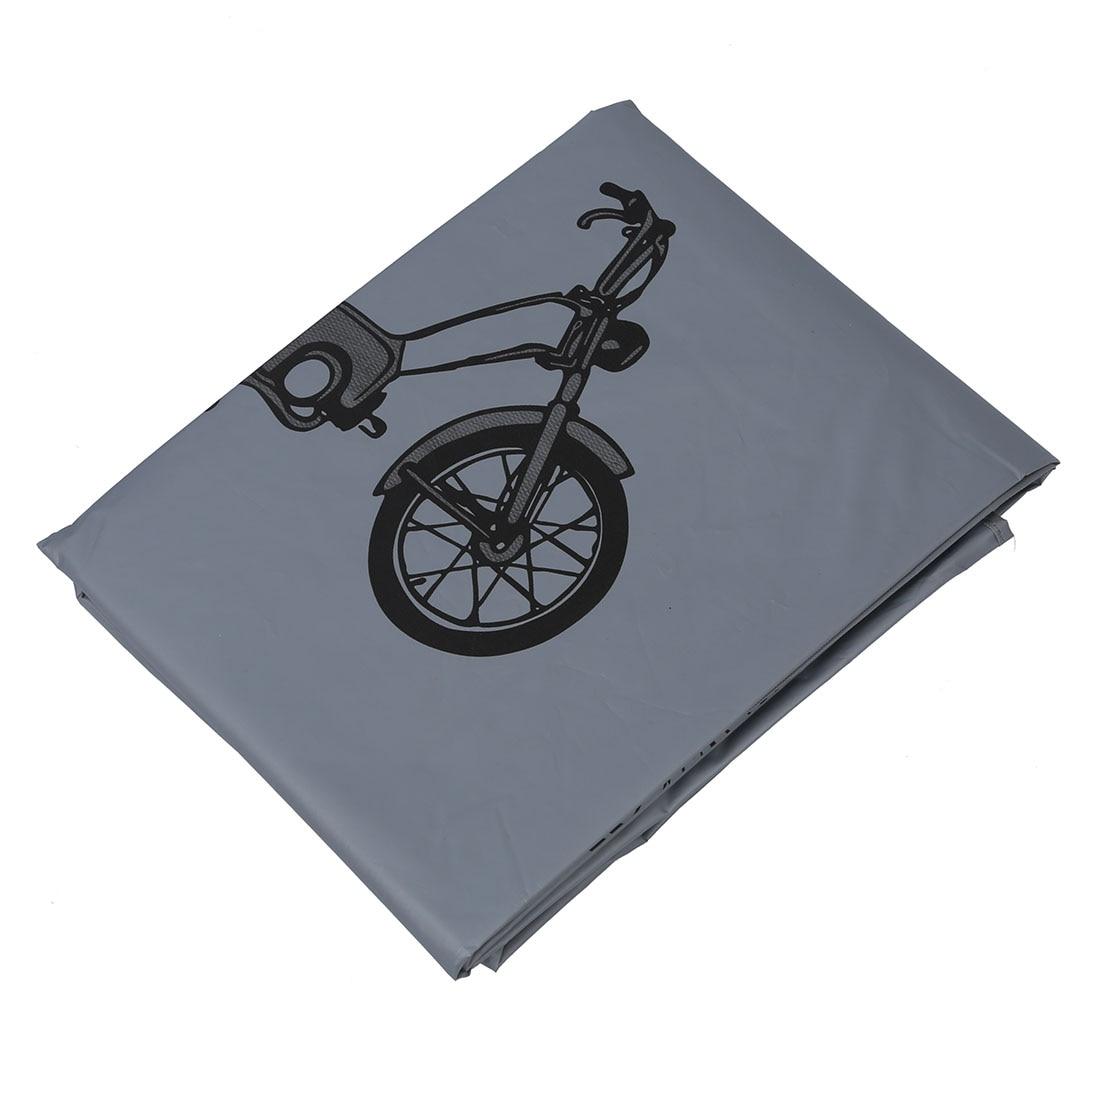 Bicycle Bike Rain Dust Snow Waterproof Cover - Grey